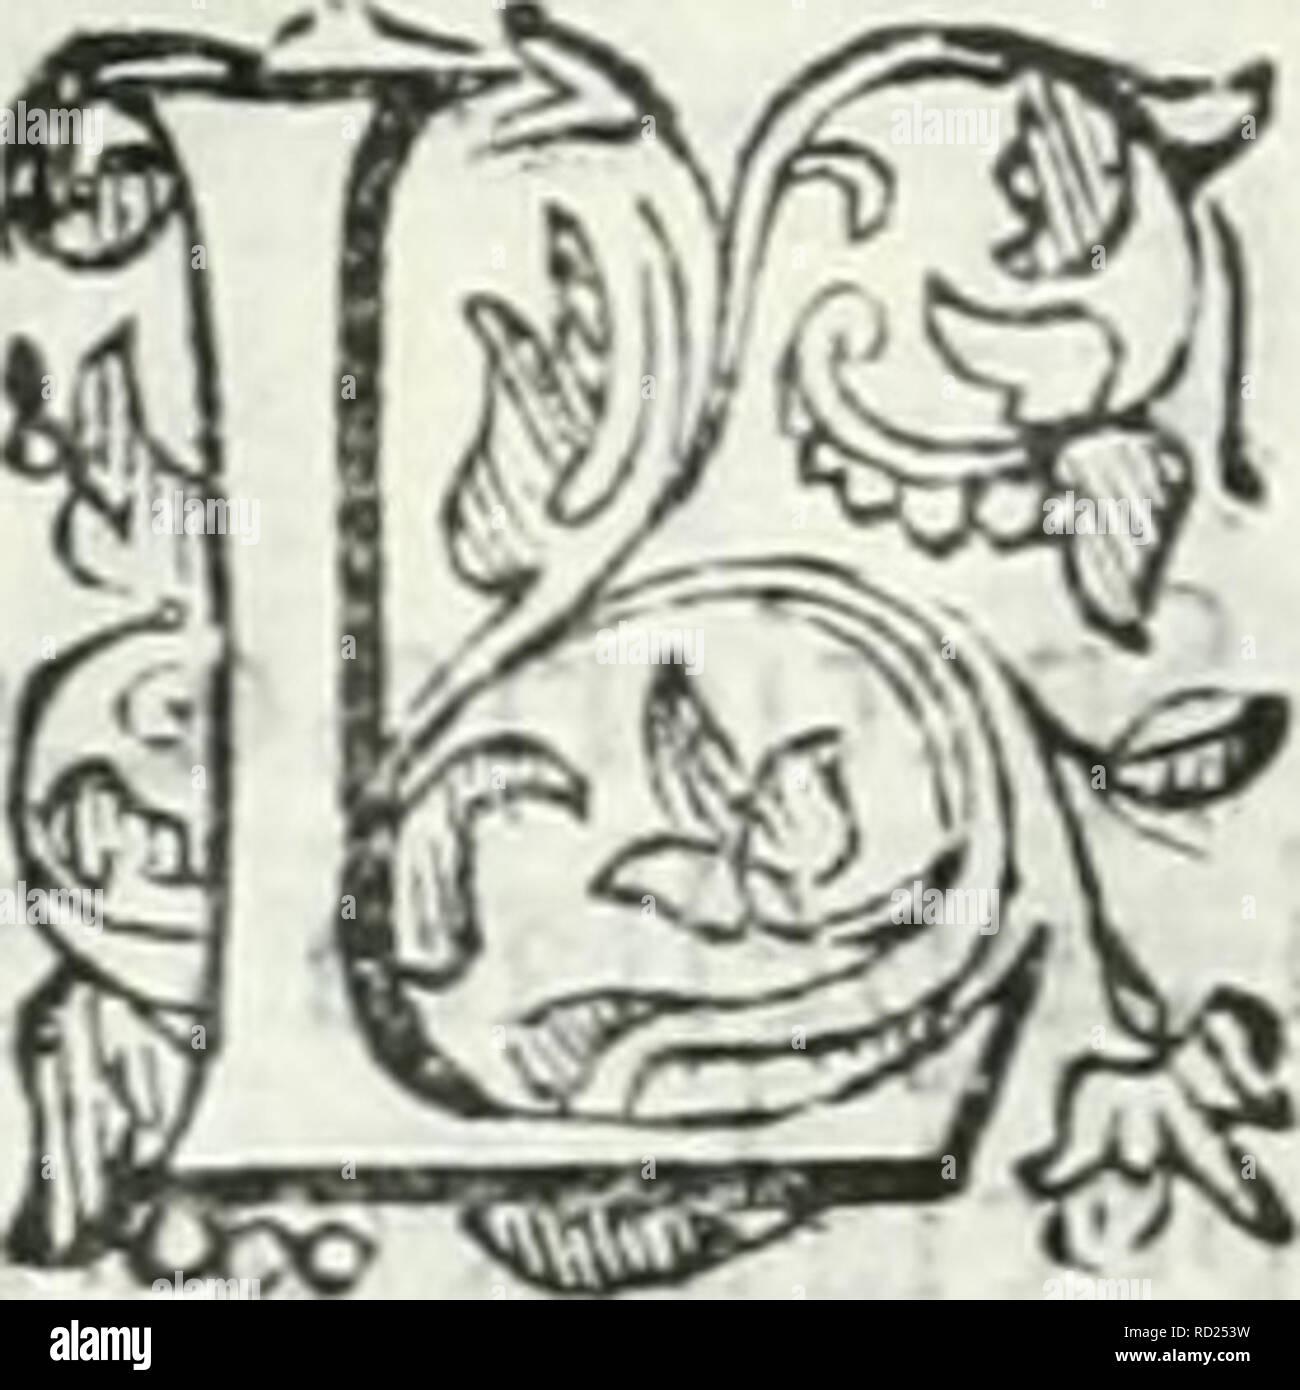 """. Dell'elixir… vitÃ. Élixir de vie; distillation; l'alchimie; les plantes médicinales; médecine; recettes de l'atelier. 6% dell'Elixir Vitse Adiamo, CalliÂ"""" tricon, &AMP; Poli tricon col Ca- Venere pti lo no mecieli vna- ma'ci a . Quii ira, virtù Capei e del vene re. j'ar:i del corpo, sle prenderlo .rimedio dal ca- venere pti, rendez- h, &gt;, ilnca p<r- polmone roVe . Al^fla o del cor pò fi di il capei venere. TI Cardo fanto, carjq benedet à anche è non- minato . Cnico,&amp; Arrra- rife che cola_, fiano. Ridice del Location n'fanto à nulla ginua.' Ridicola più oit co che vera vir tu dej Cardo sa à â ¢ Con Banque D'Images"""